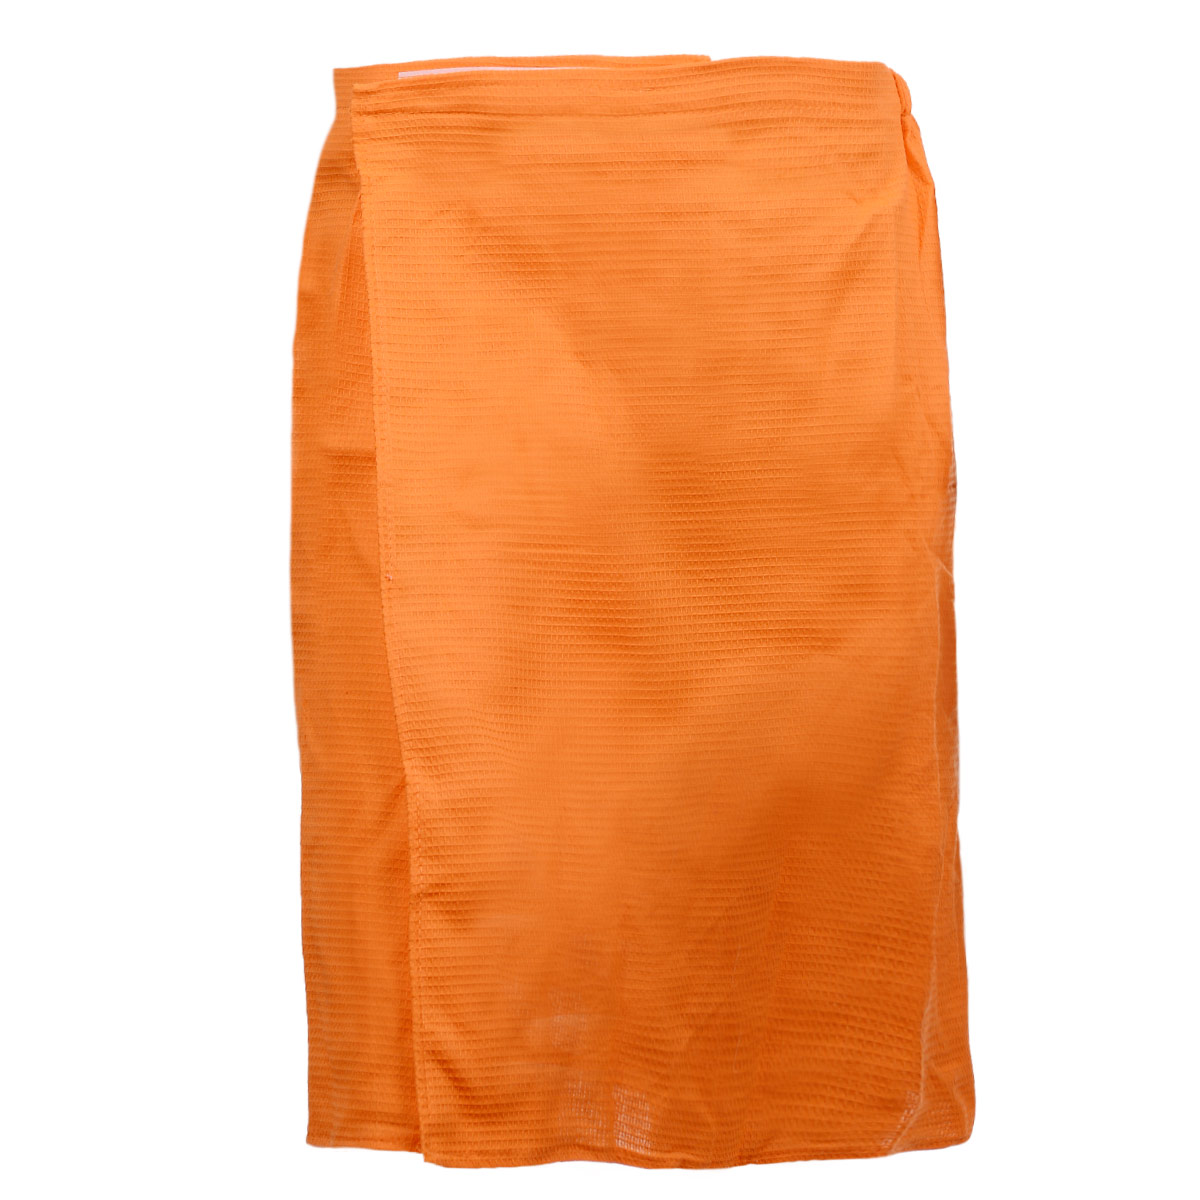 Килт для бани и сауны Банные штучки, мужской, цвет: оранжевый килт для бани и сауны банные штучки мужской цвет в ассортименте